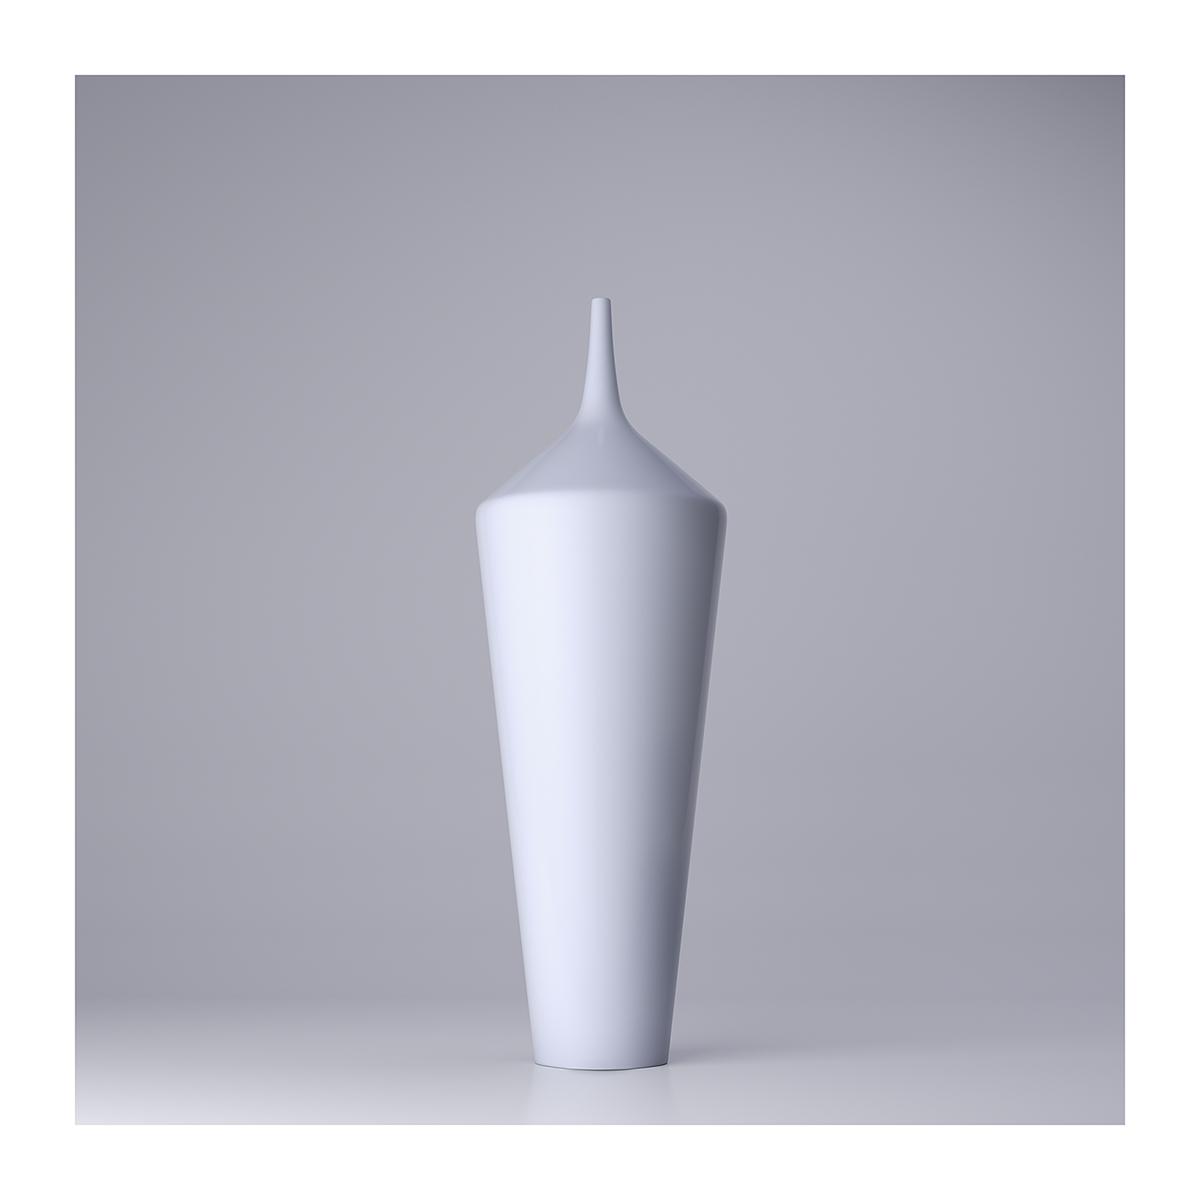 230 Lsdr TWHS Virtual Ceramics I 002 - 2021 - La simplicité du regard. This was HomoSapiens. Virtual Ceramics. I